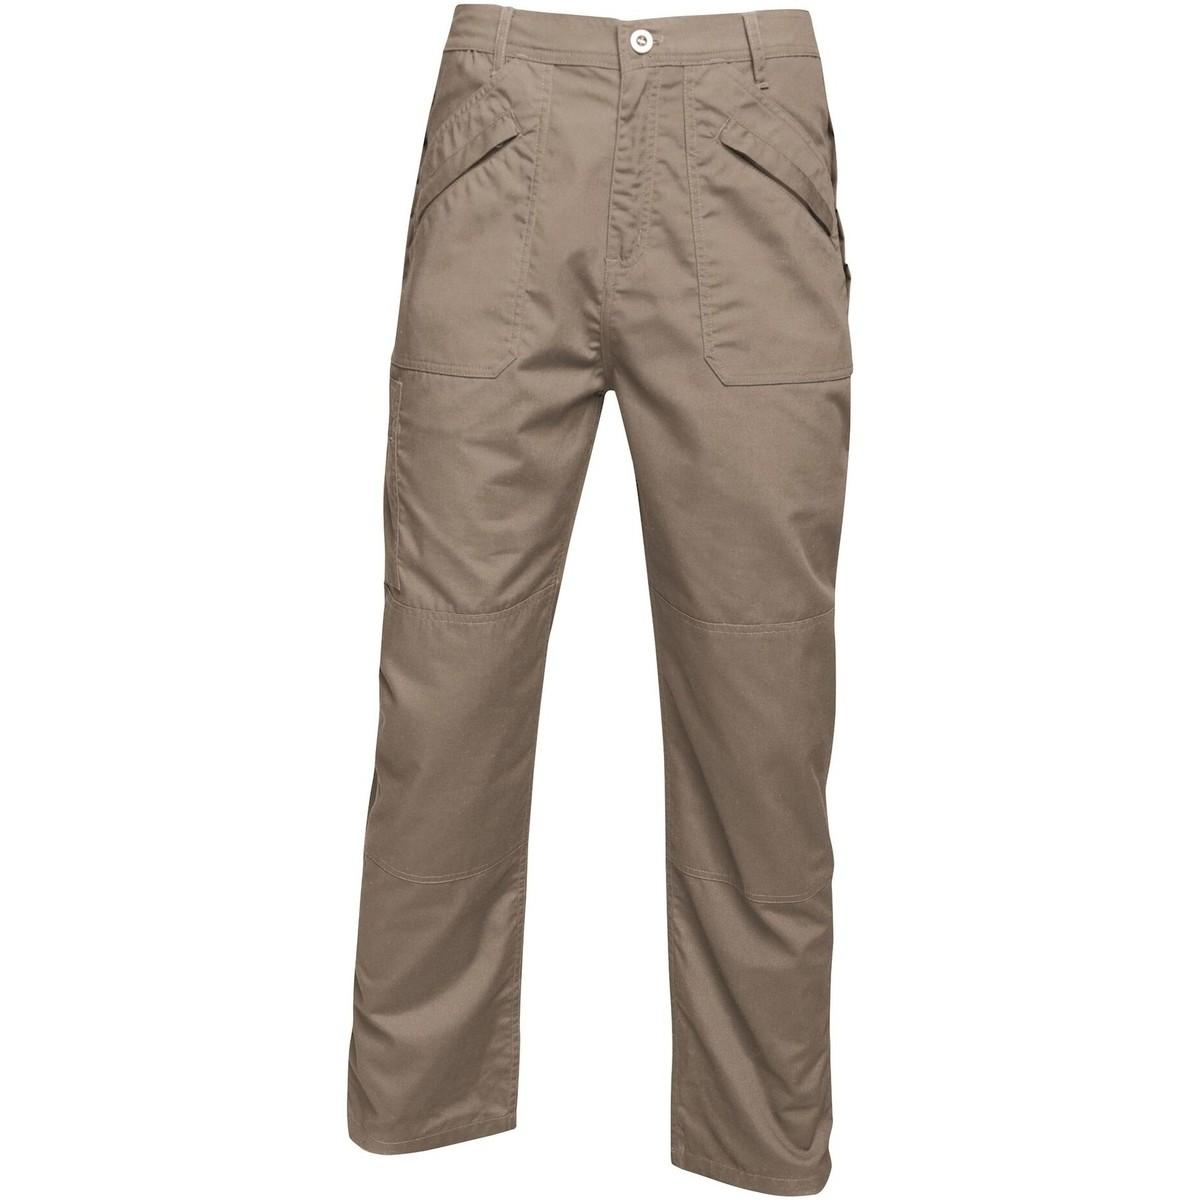 Regatta Mens Original Action Waterproof Trousers Regular